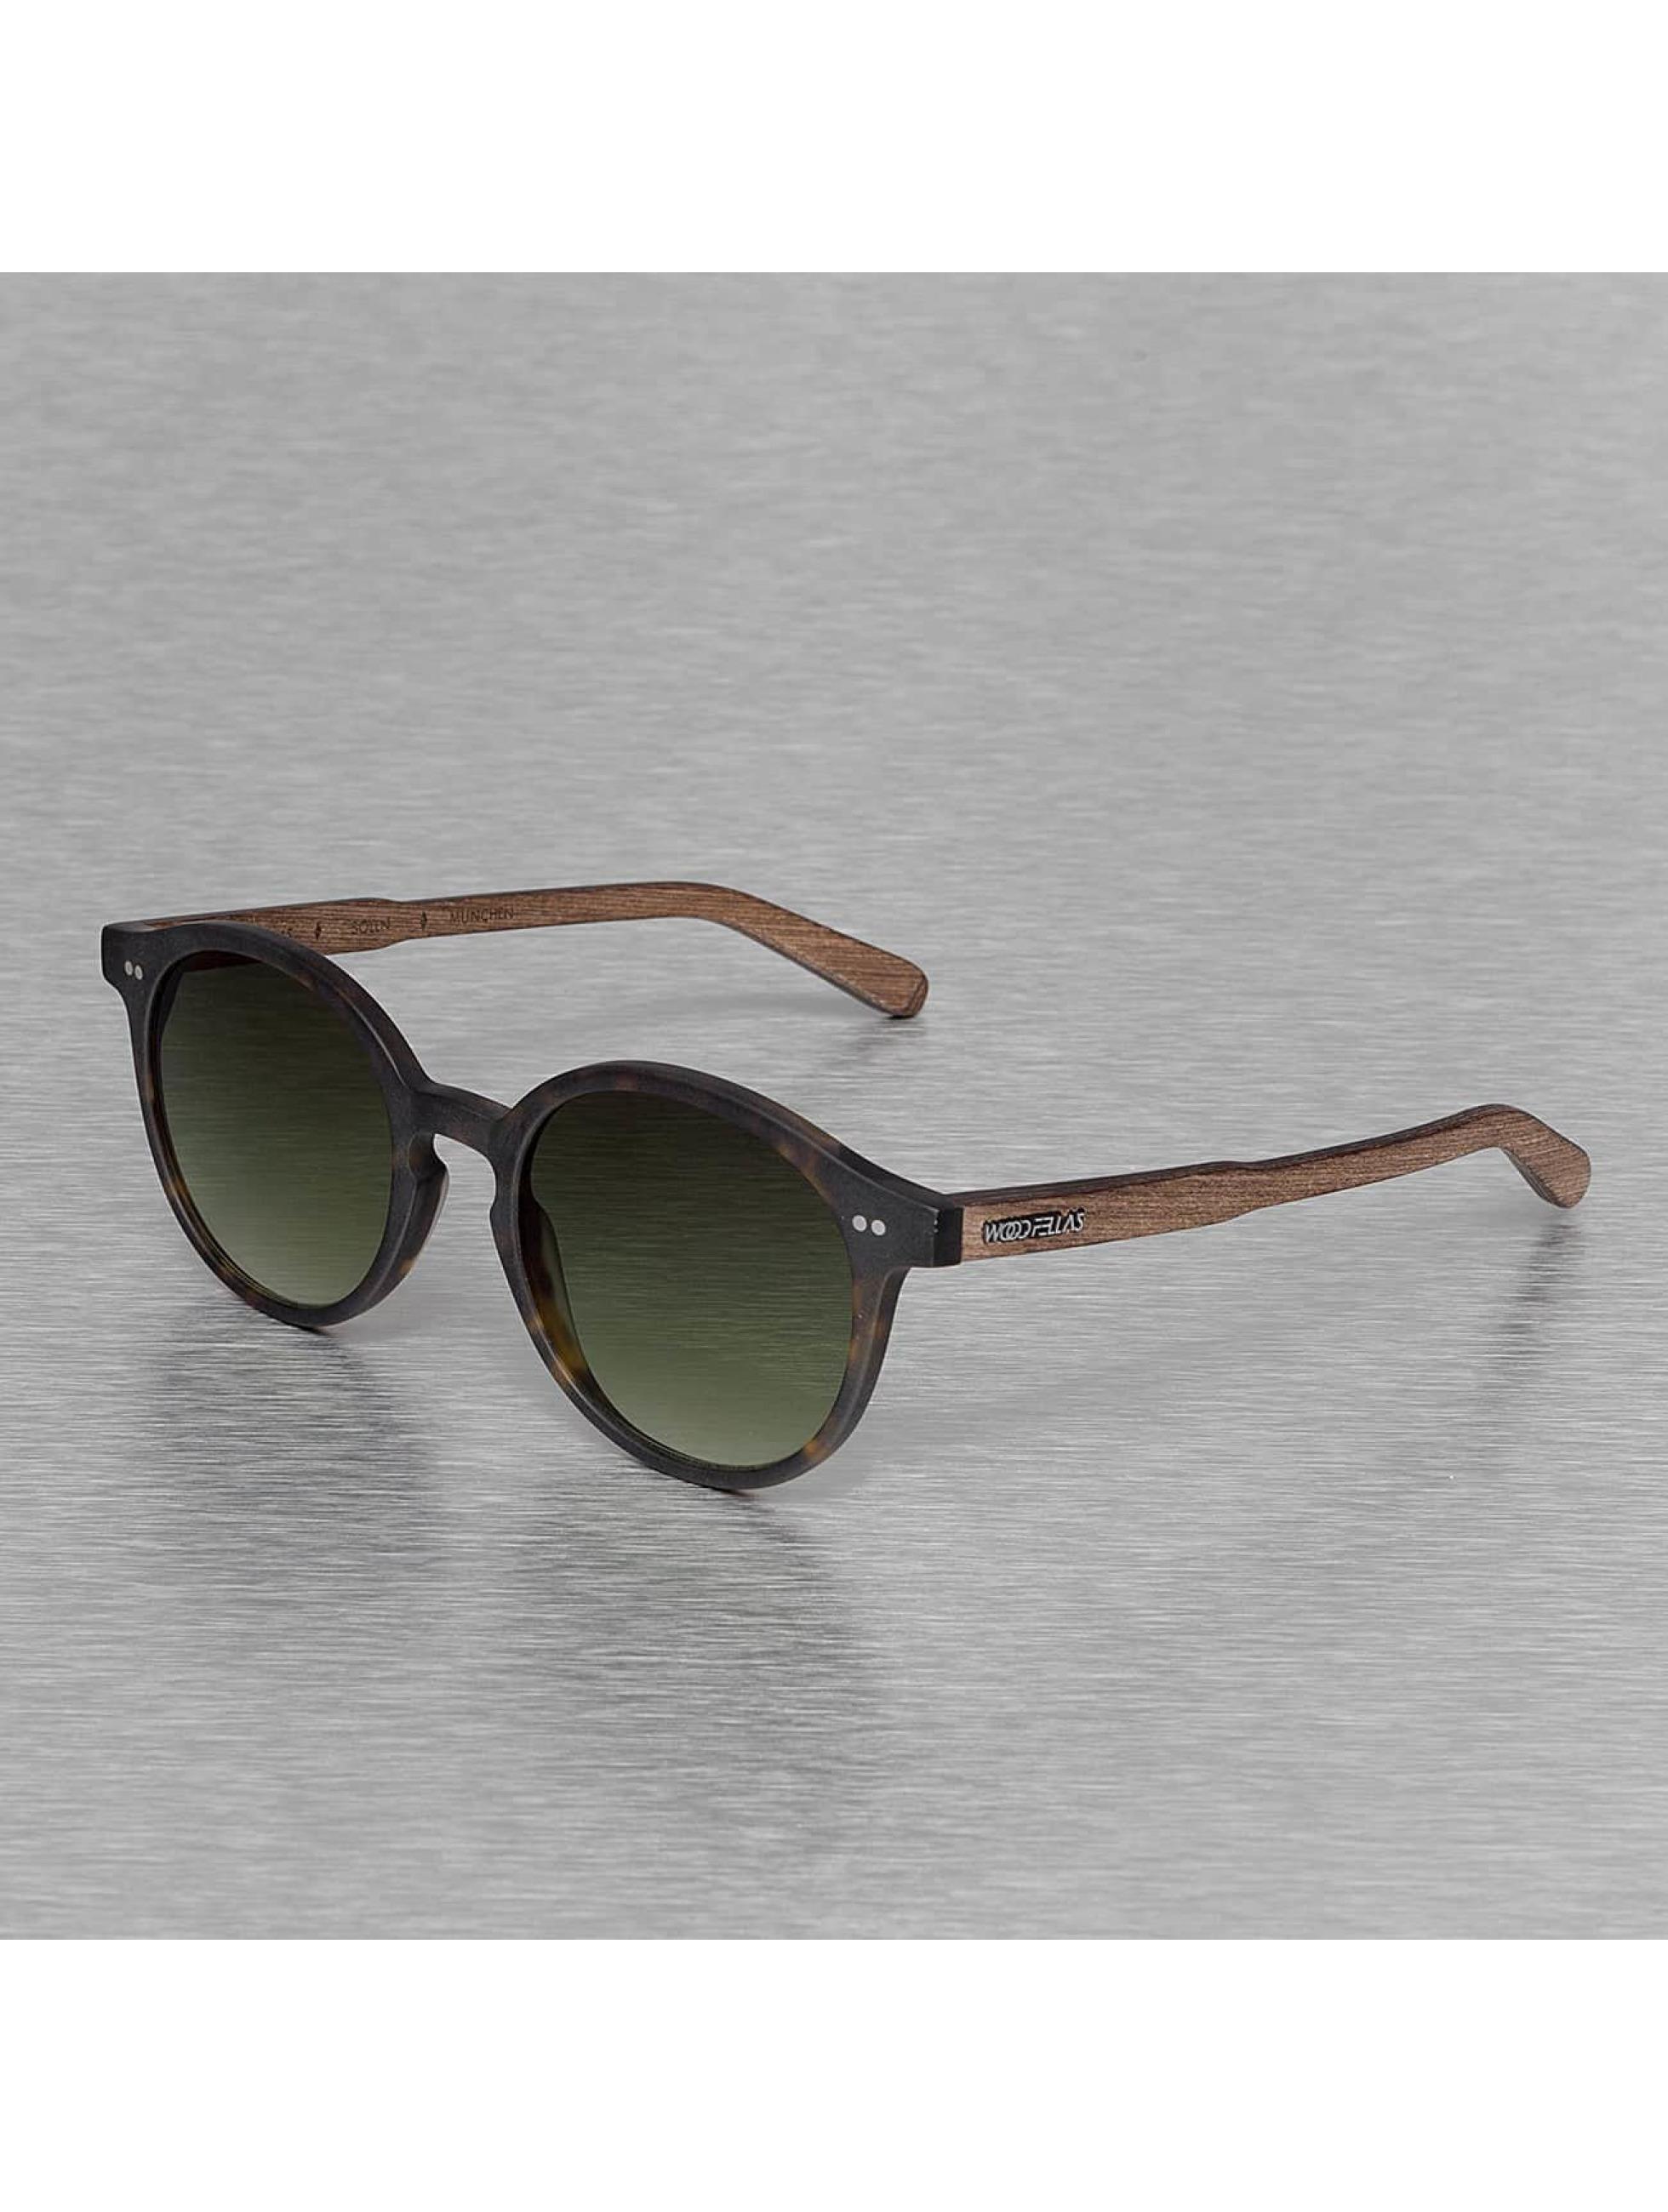 Wood Fellas Eyewear Briller Eyewear Solln Polarized Mirror brun